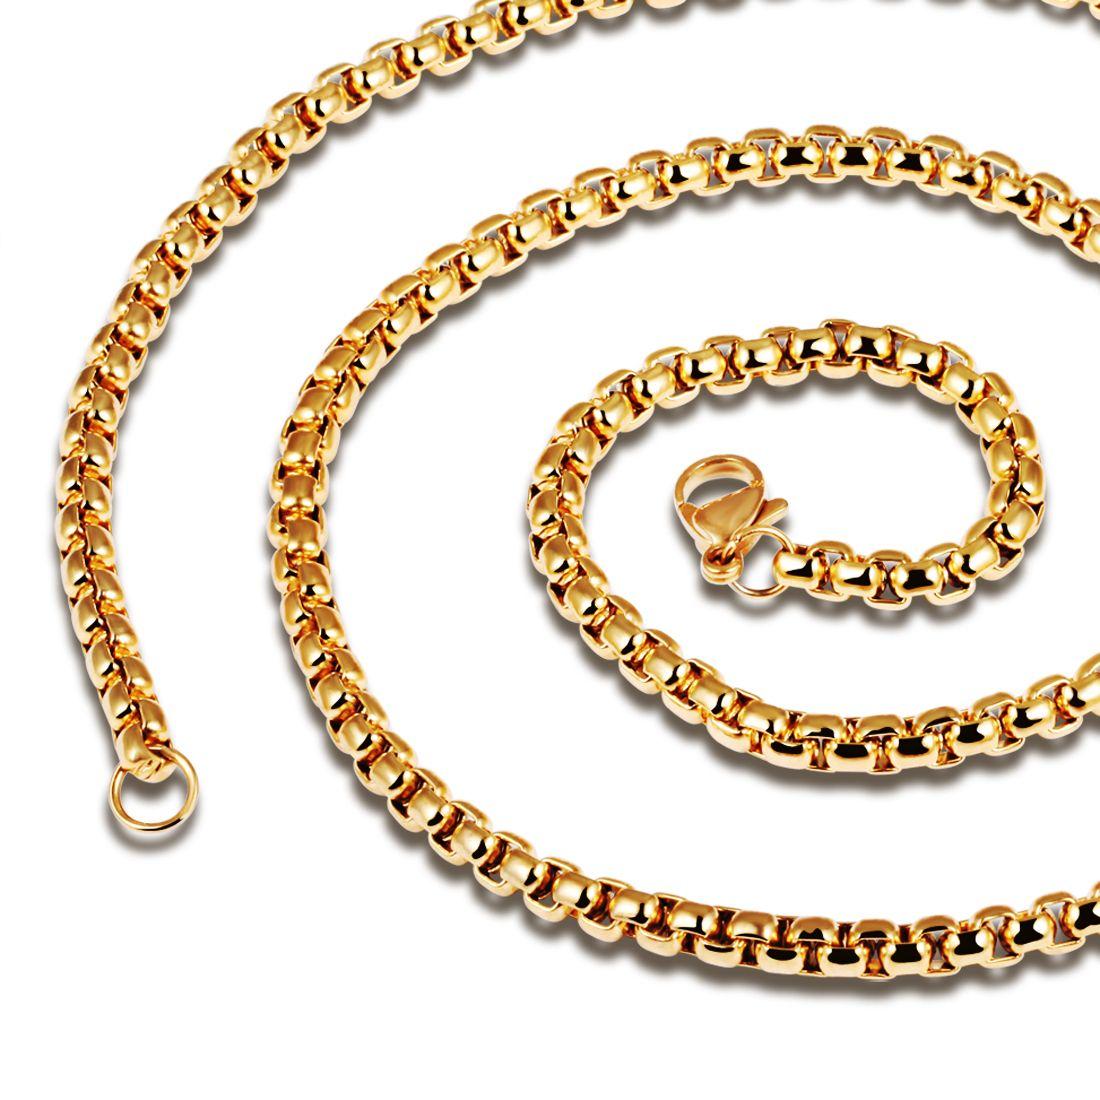 una grande varietà di modelli una grande varietà di modelli prezzo ragionevole Gioielli LCL 2016 Nuova catena a maglia collane moda quadrata nera collana  gioielli collana in acciaio inossidabile accessori Collana in oro FGL744